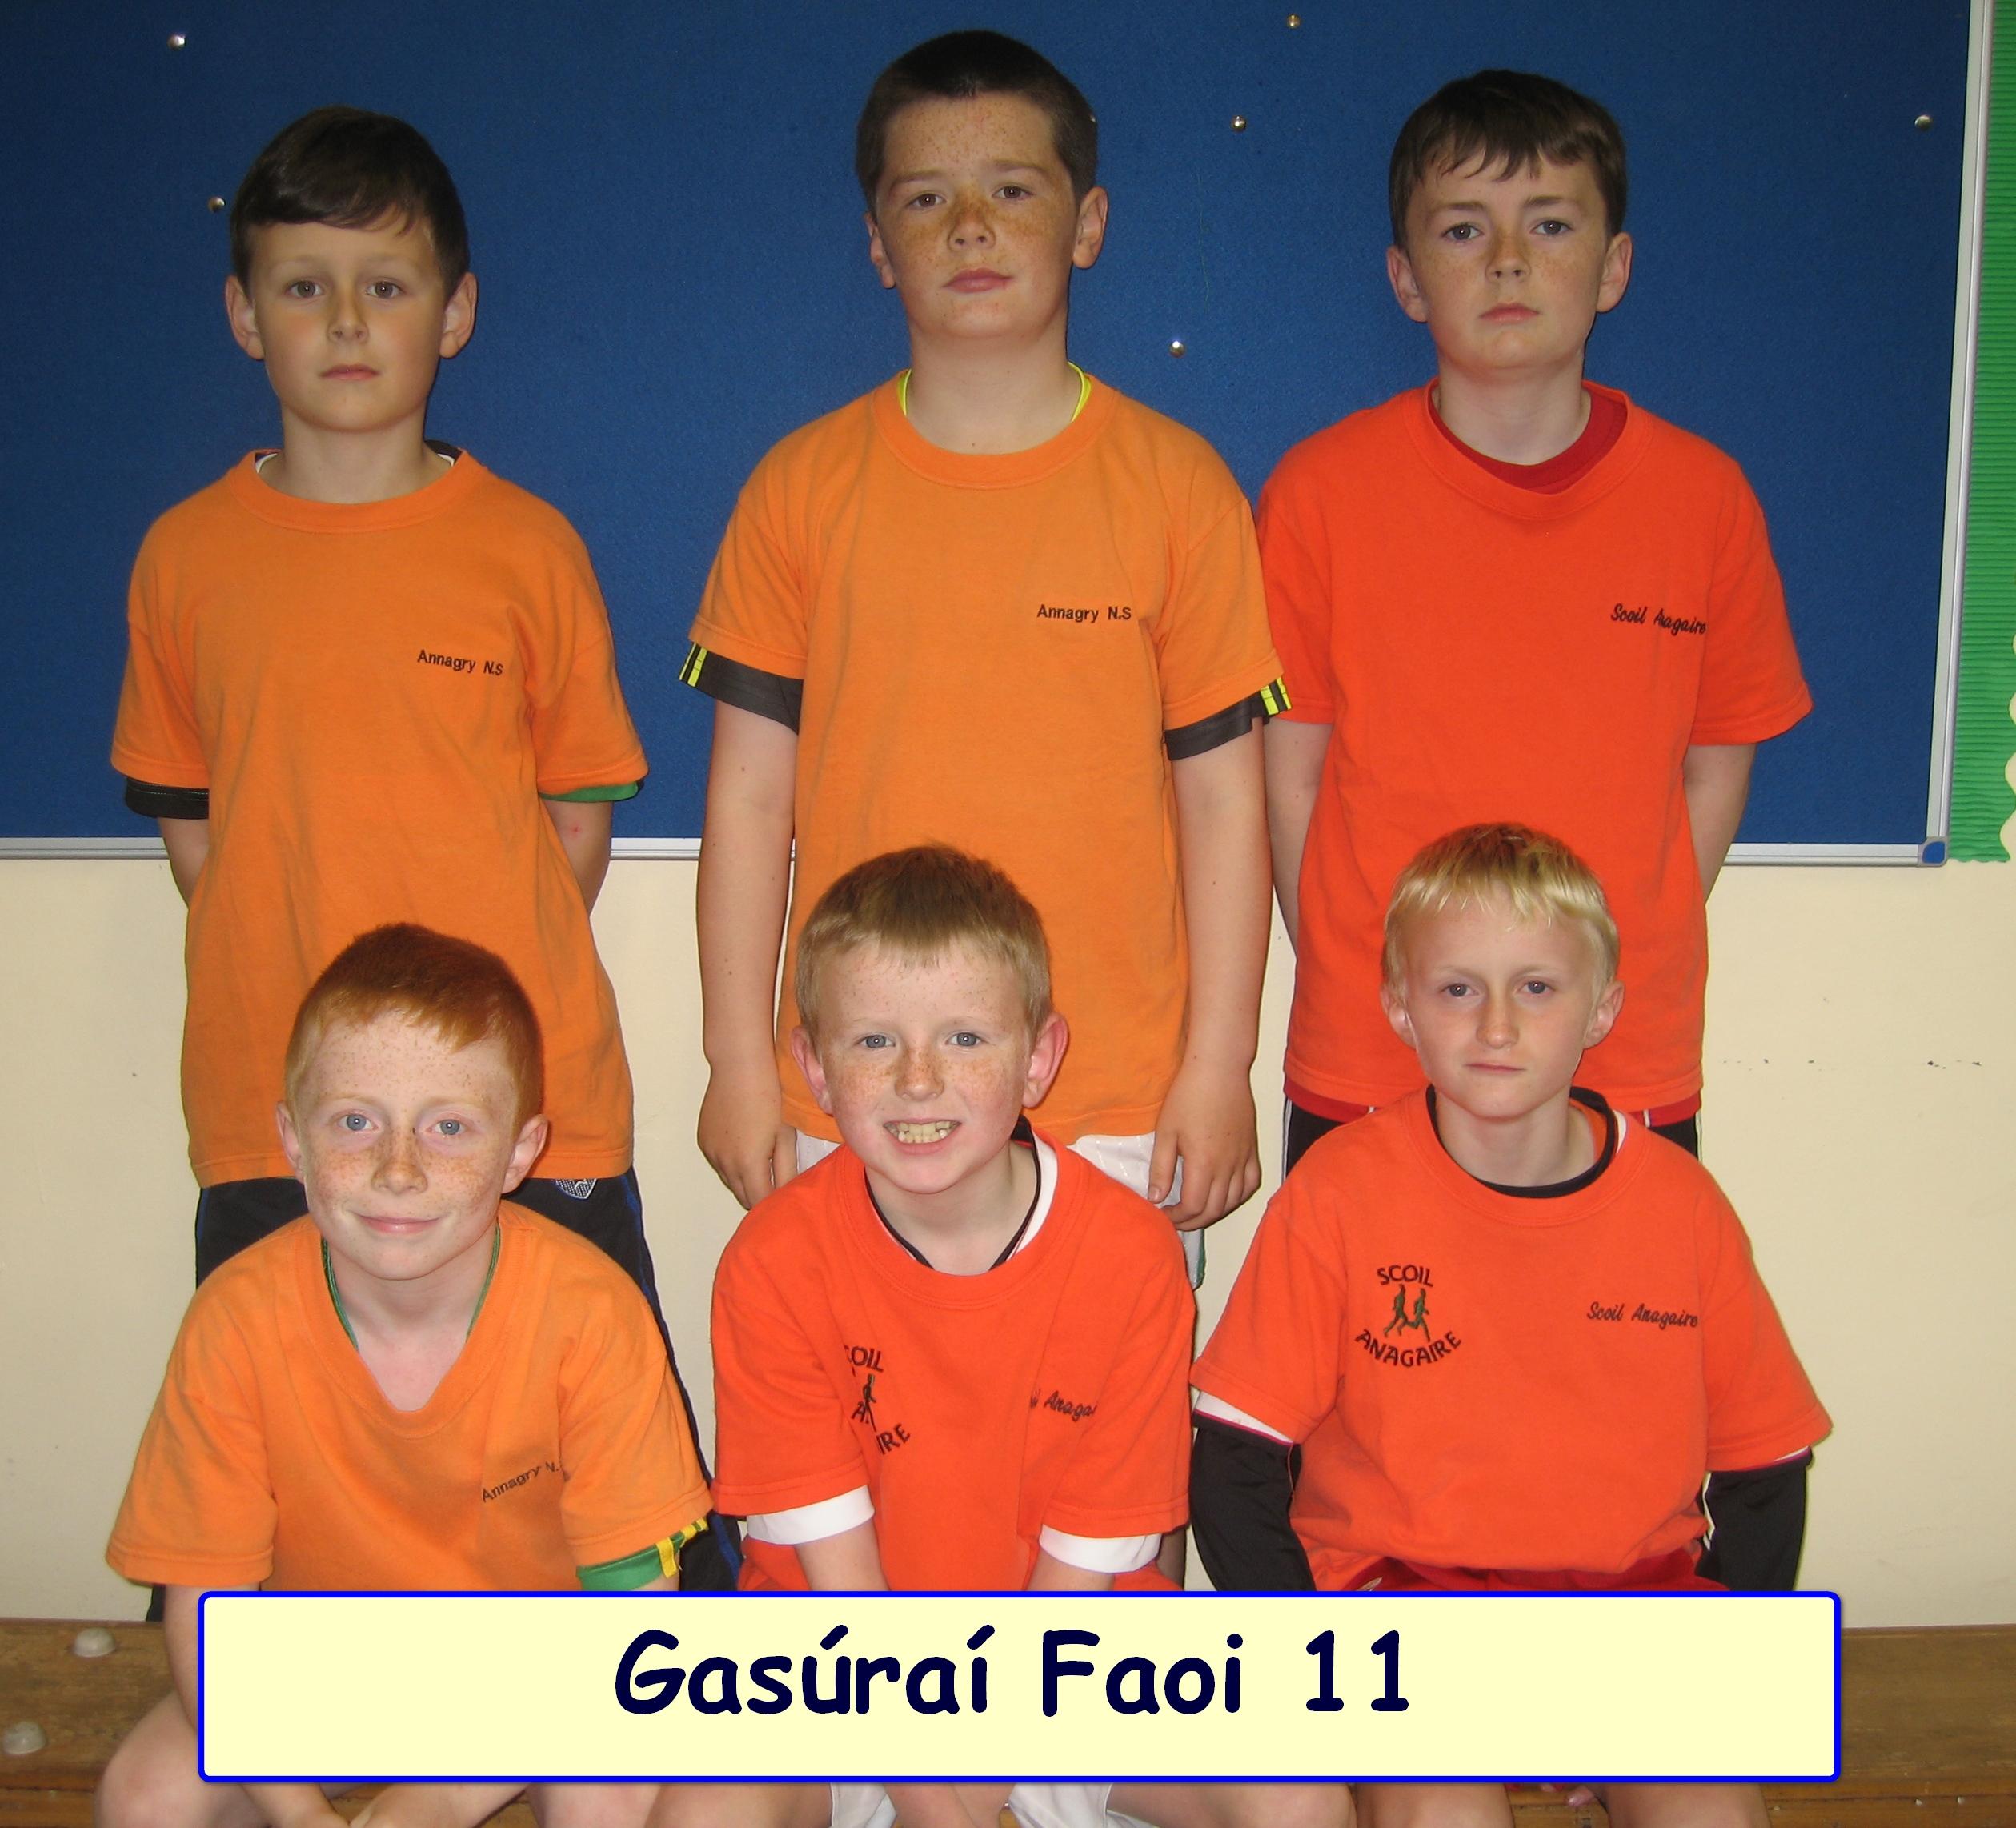 Gas Faoi 11